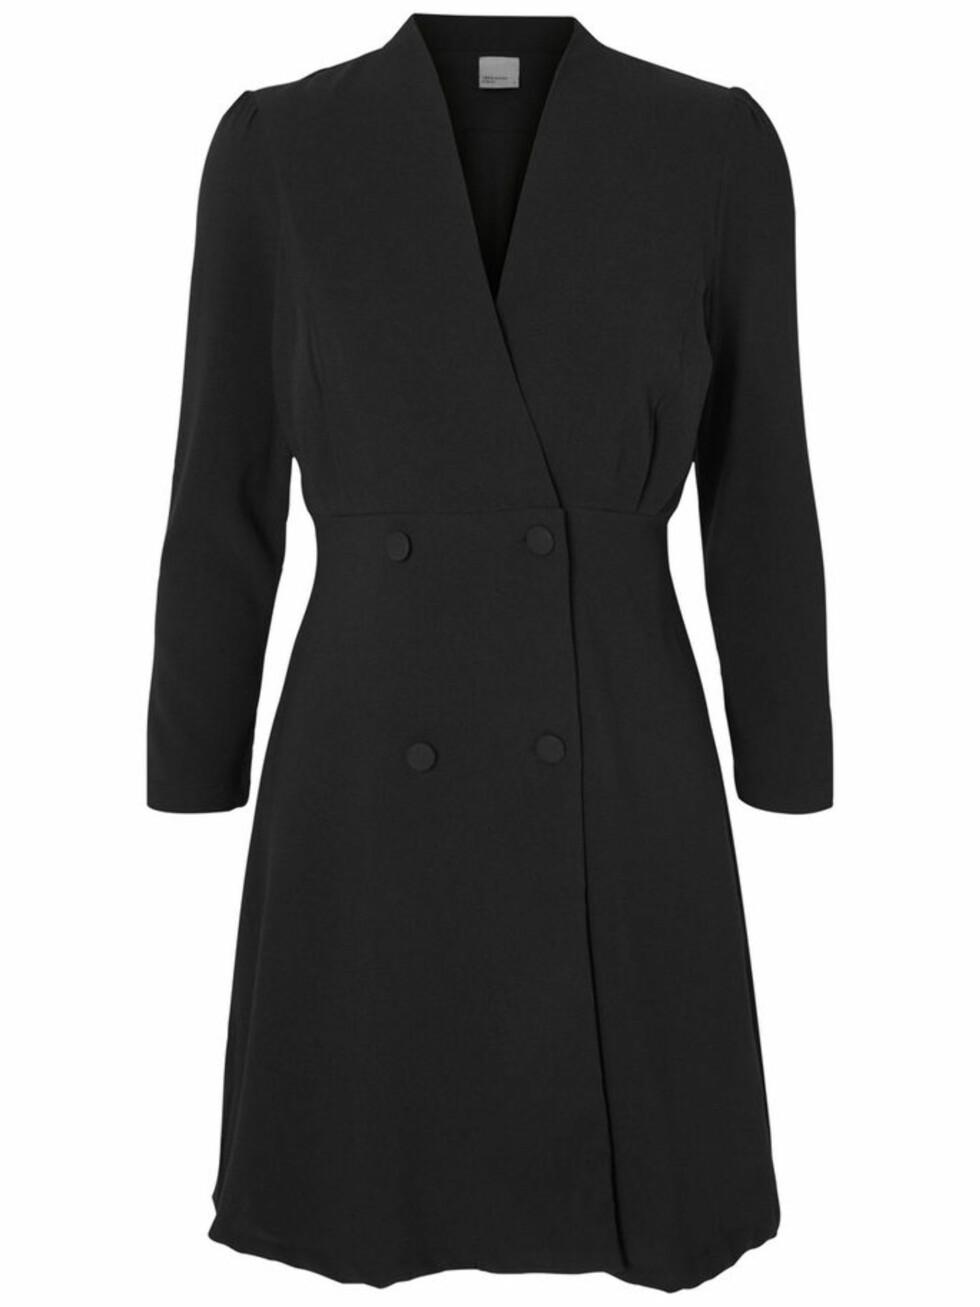 <strong>Dresslignende kjole fra Vero Moda   kr 449,95   http:</strong>//www.veromoda.com/no/no/vm/handla-efter-kategori/kjoler/hverdagskjoler/feminin-langermet-kjole-10165131.html?cgid=vm-day-dresses&dwvar_colorPattern=10165131_Black